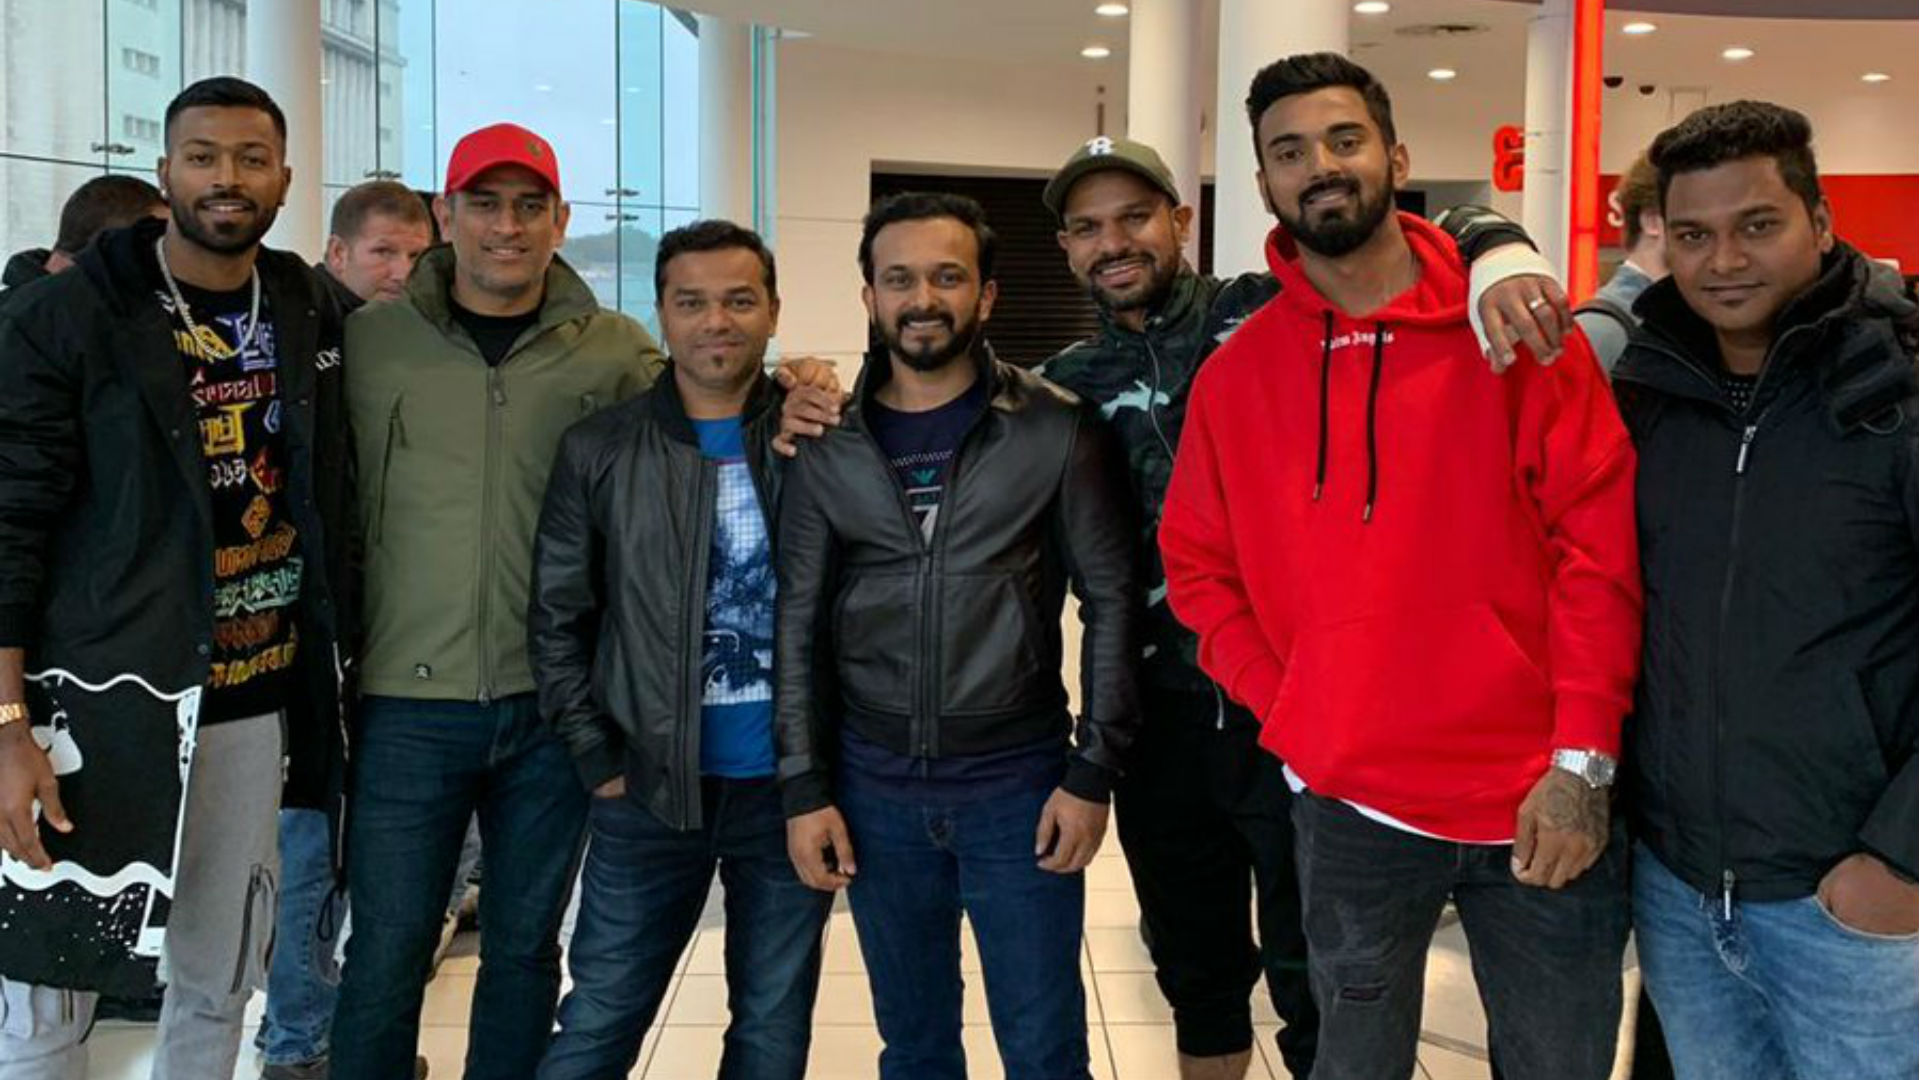 टीम इंडिया के खिलाड़ियों ने इंग्लैंड में देखी सलमान खान की फिल्म भारत, दबंग खान का आया रिएक्शन